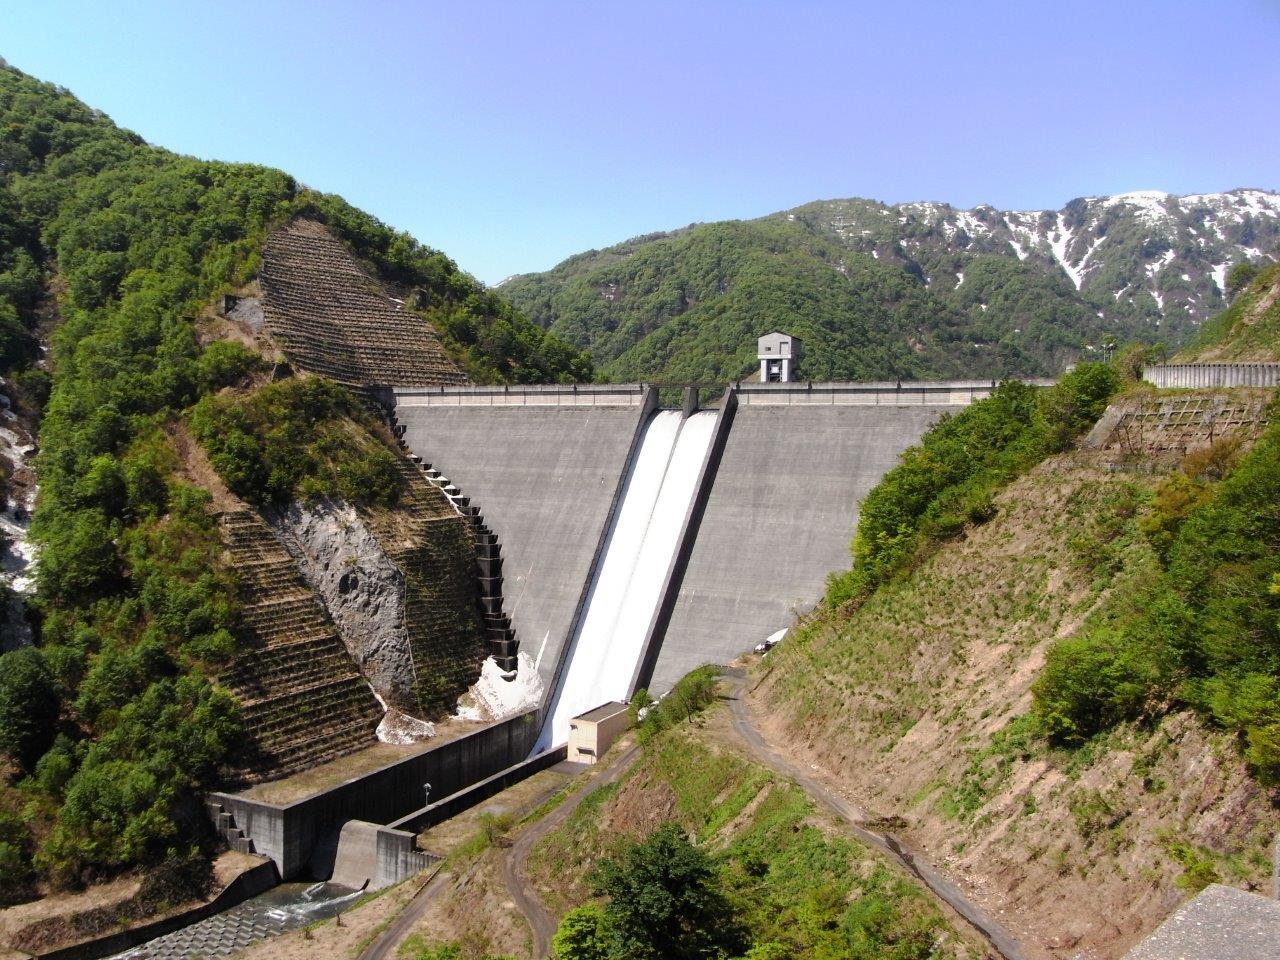 シンプルなデザインがダムの巨大さをより一層強調する【境川ダム】